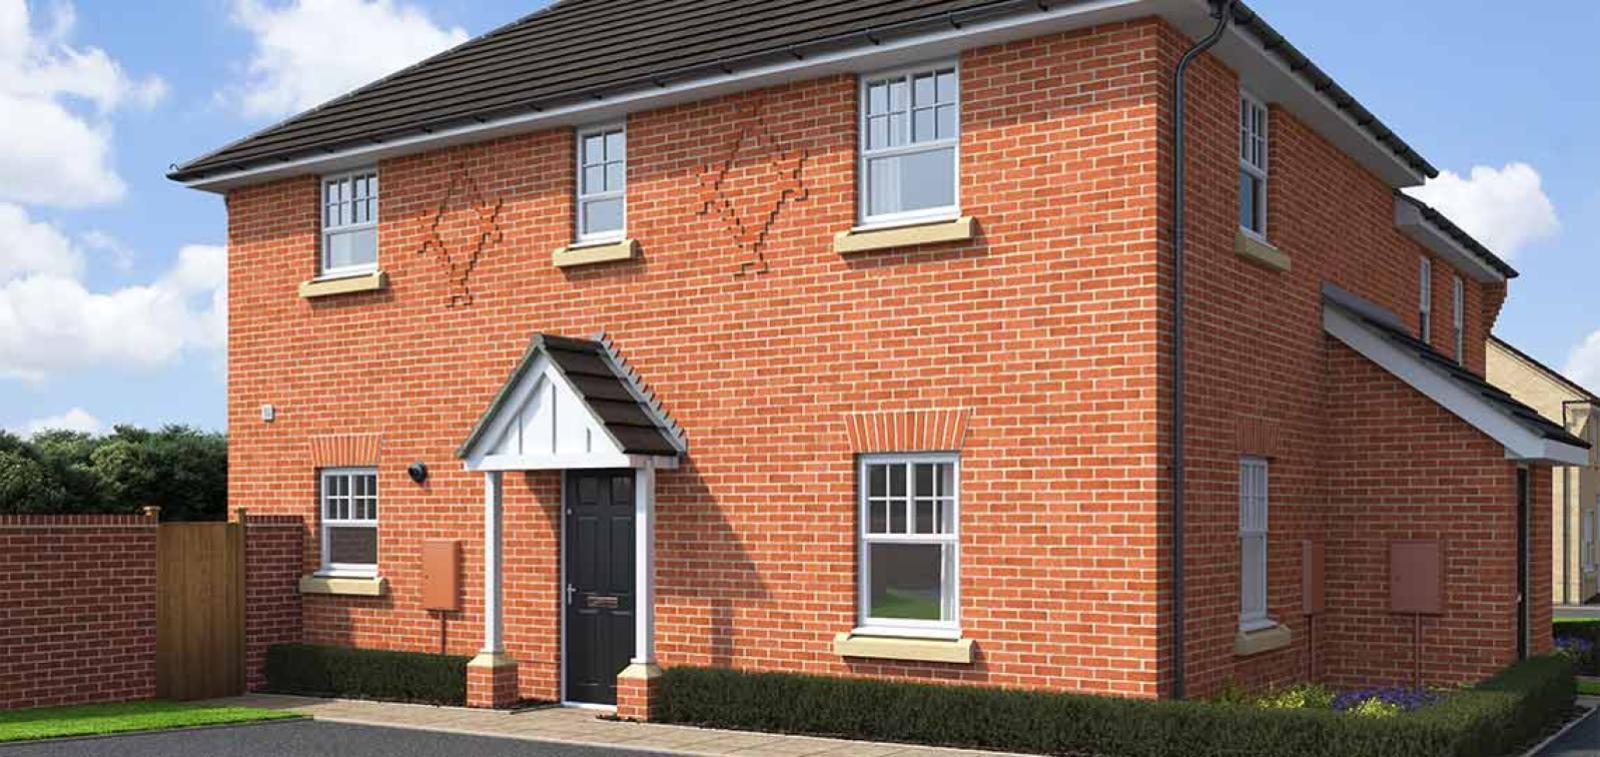 CGI rendering of the Leeward house type at High Elms Park